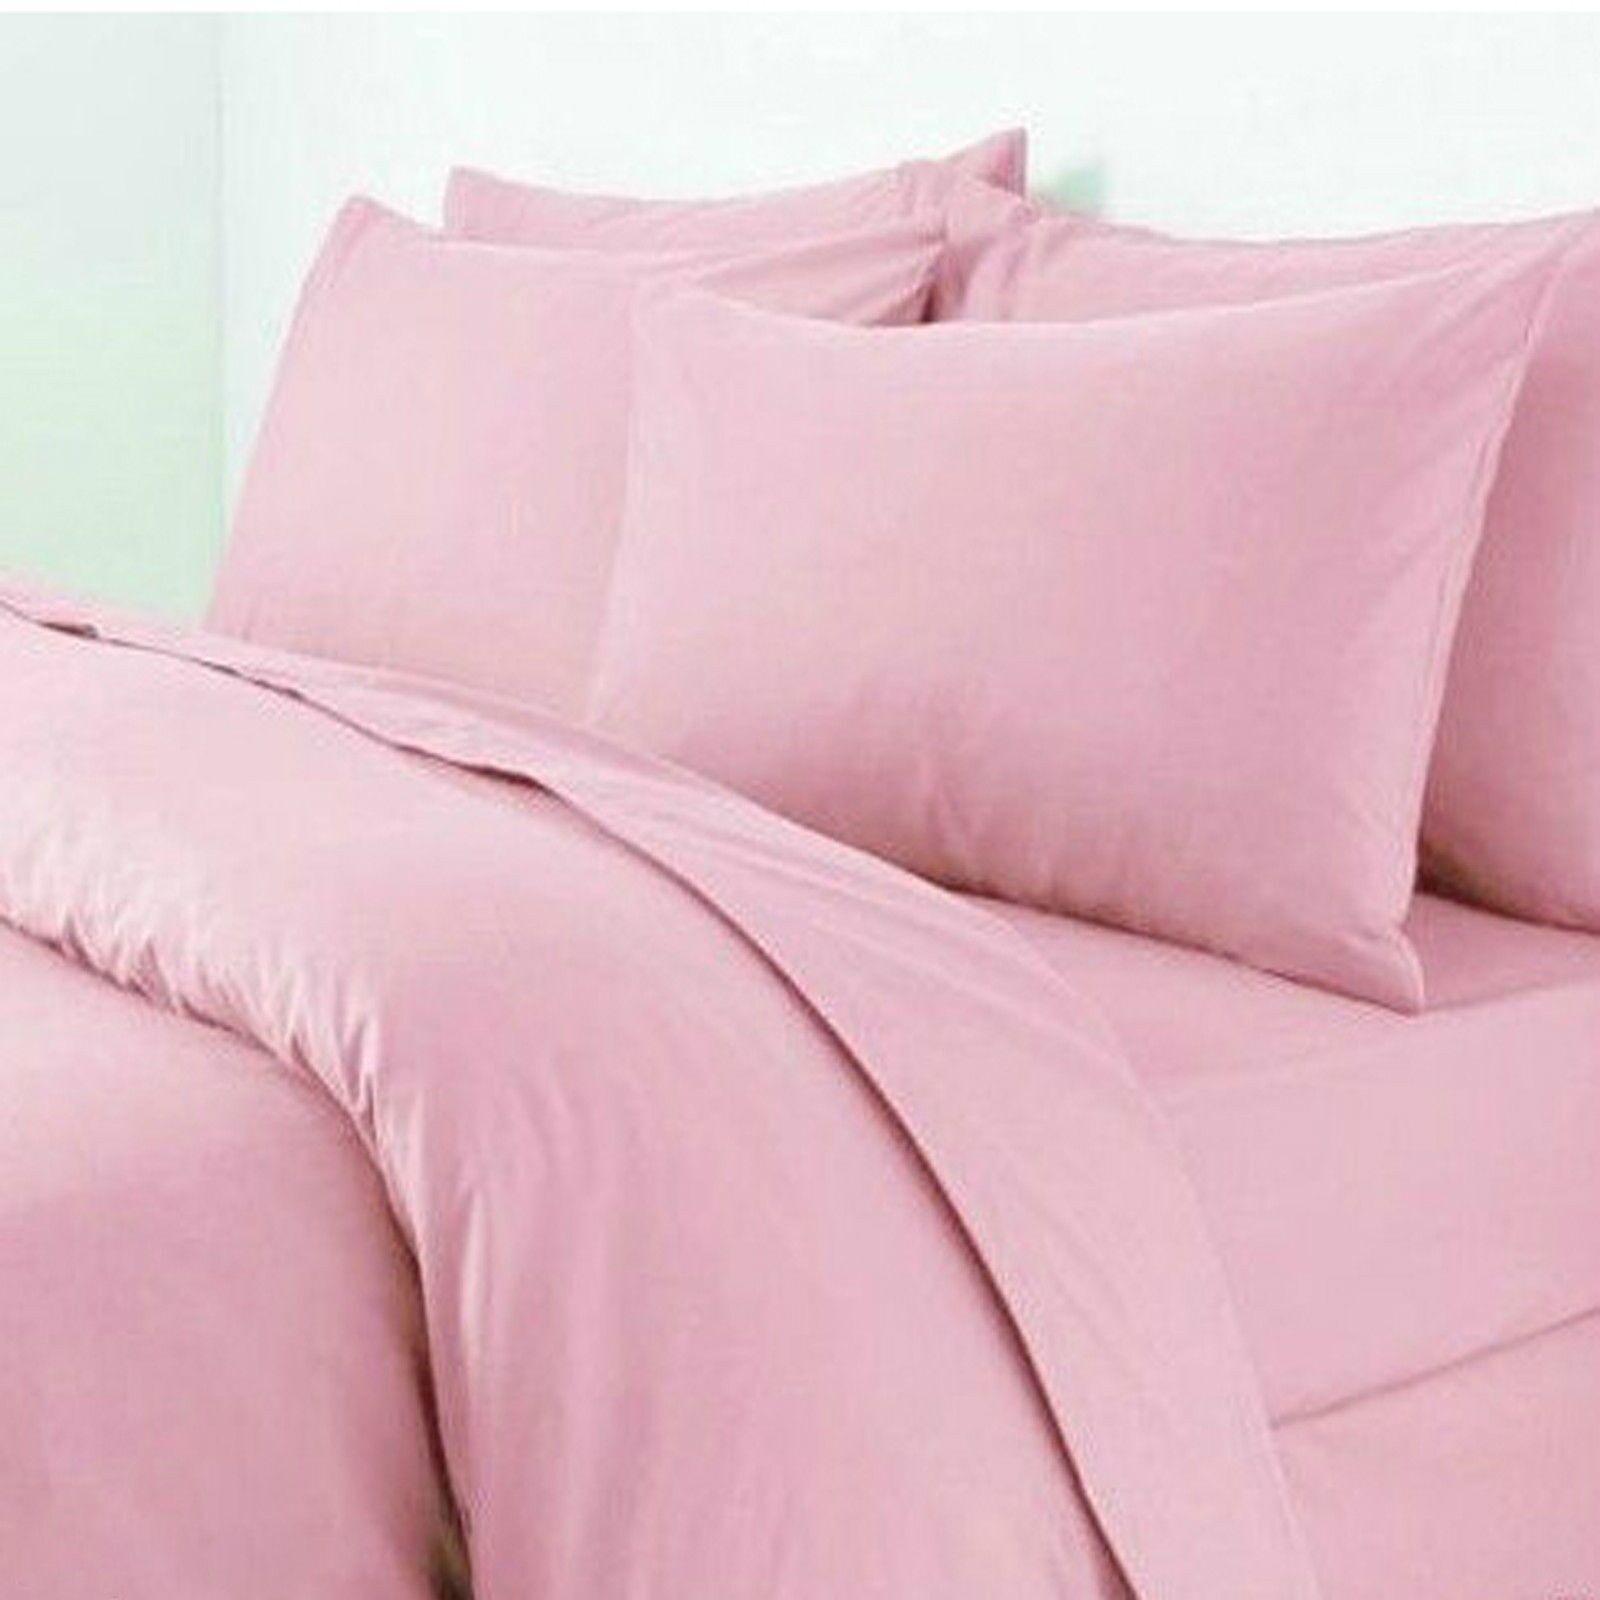 rosa Set t200 100% cotone egiziano Set rosa Piumone Lenzuolo Federe per Cuscini Biancheria Da Letto 276529